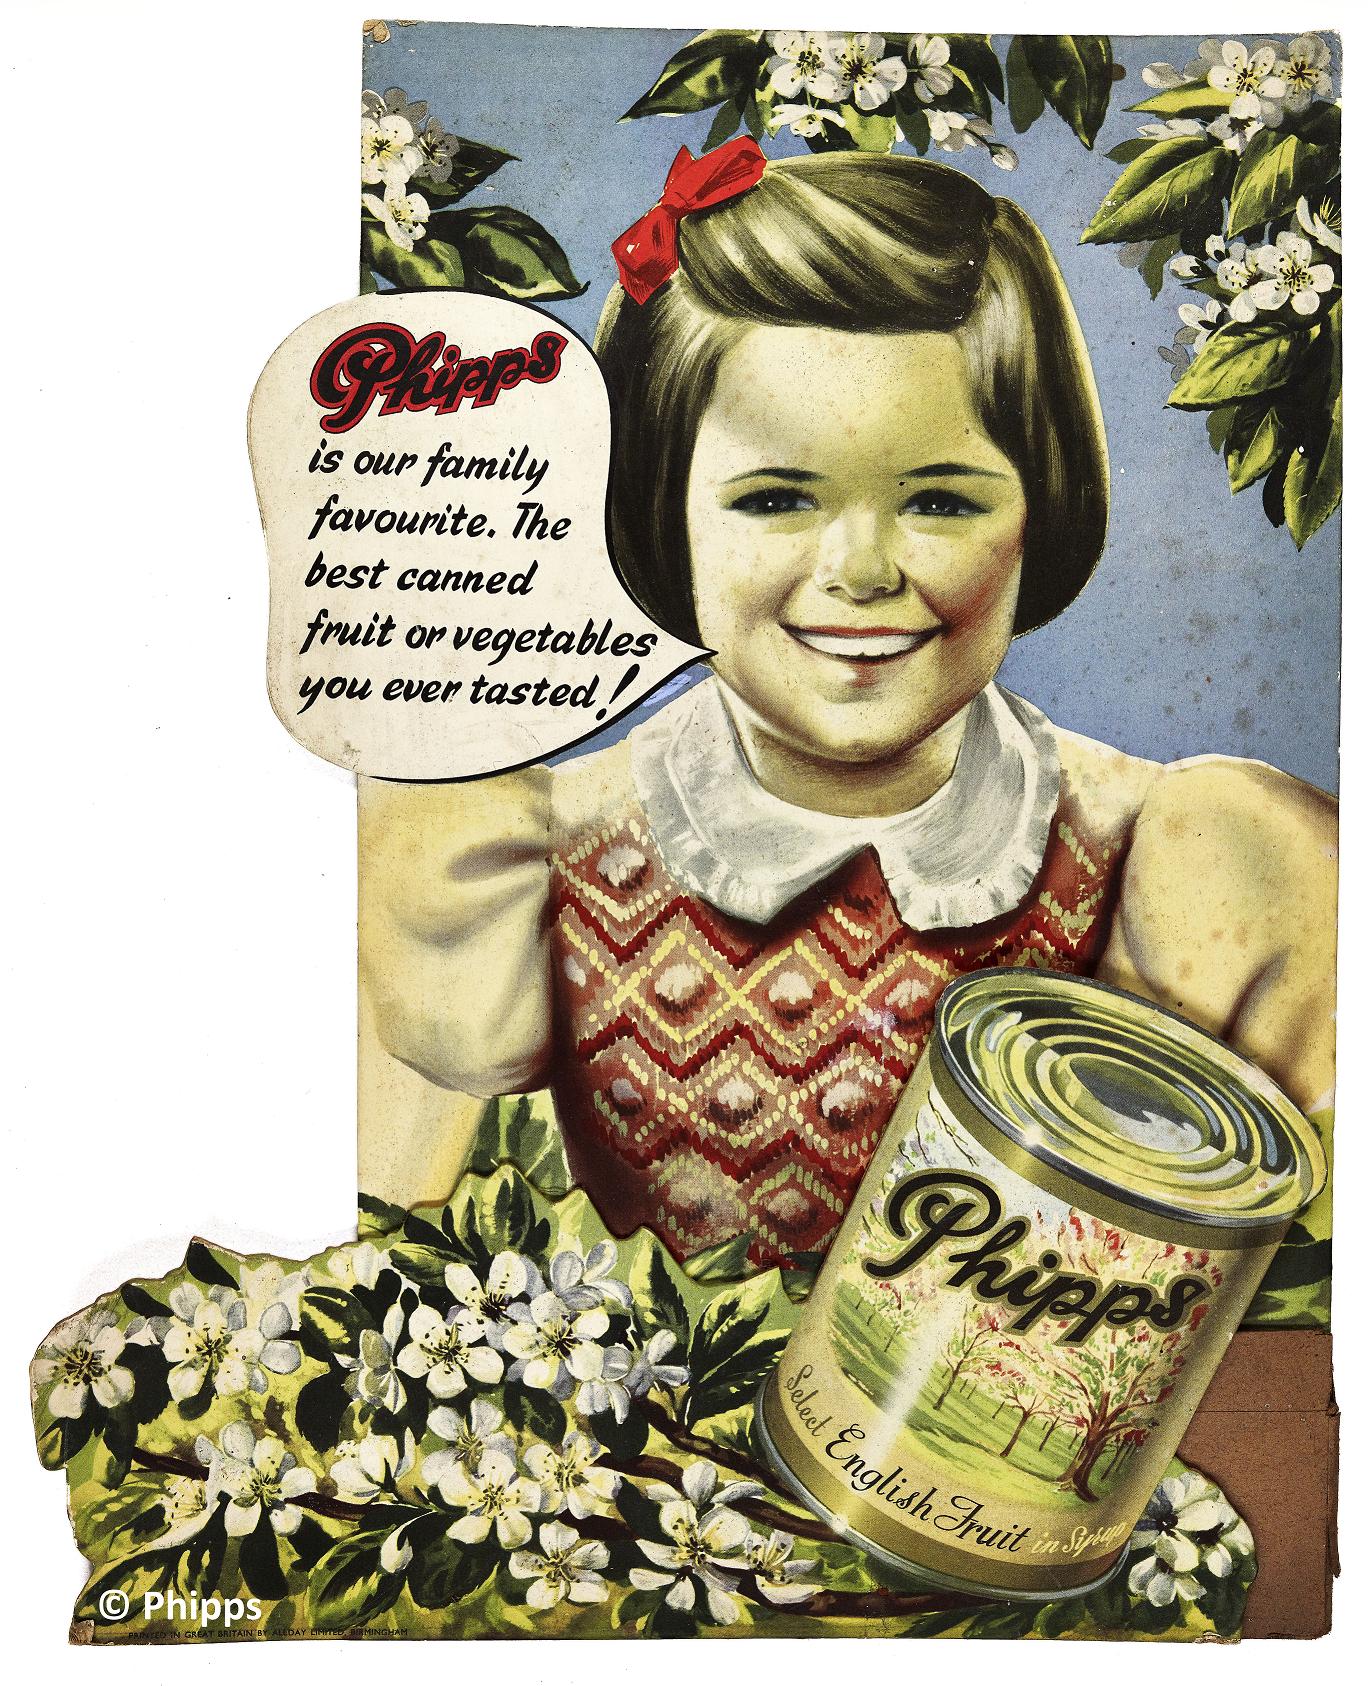 Advert for Phipps canned fruit & veg